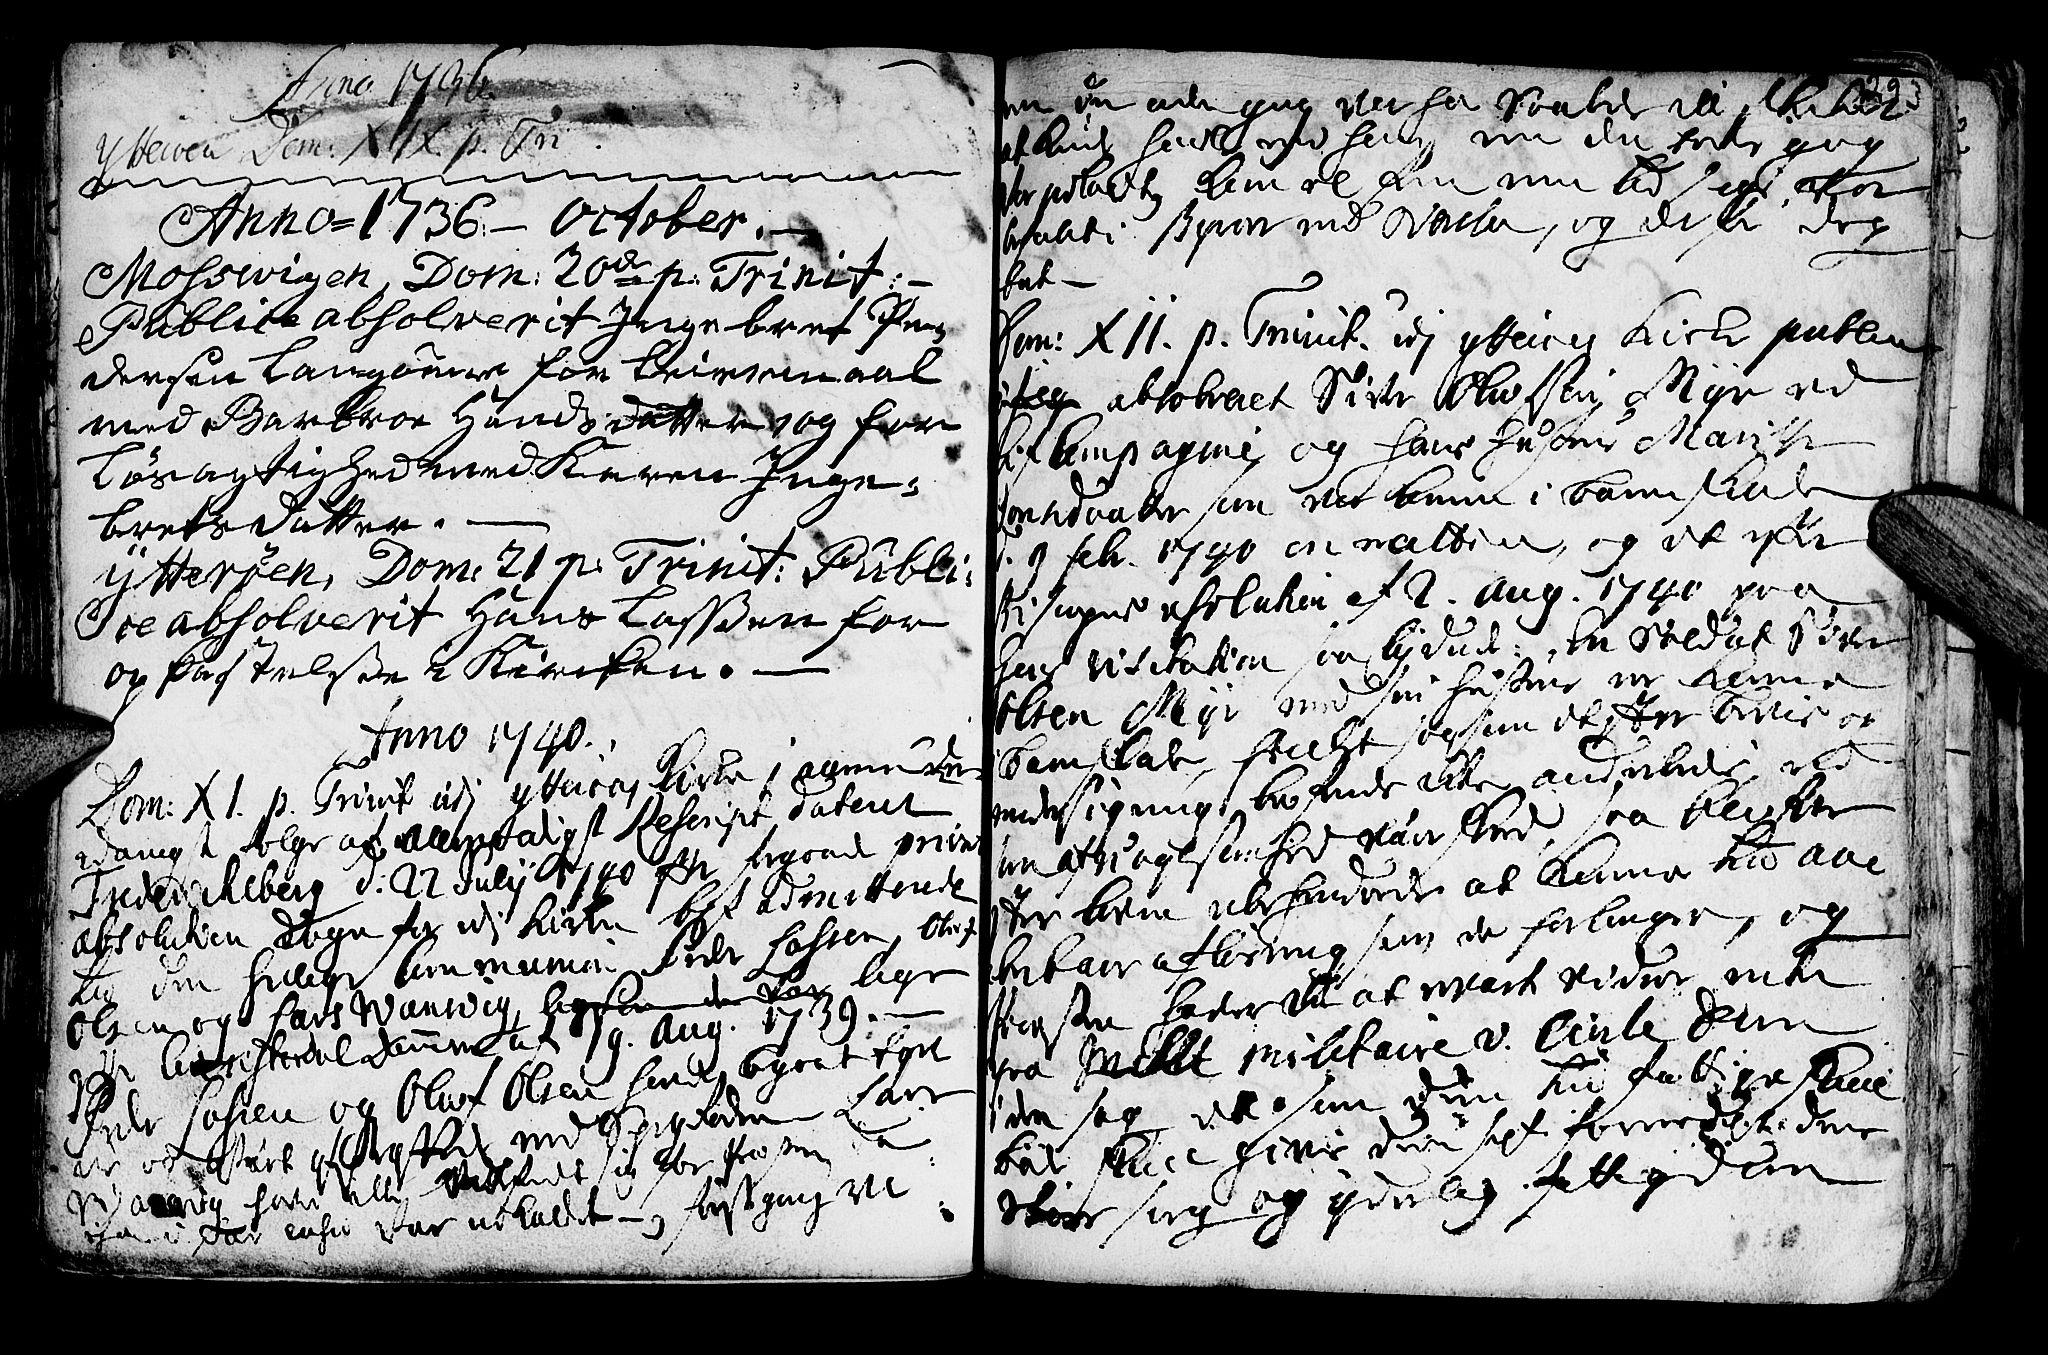 SAT, Ministerialprotokoller, klokkerbøker og fødselsregistre - Nord-Trøndelag, 722/L0215: Ministerialbok nr. 722A02, 1718-1755, s. 293